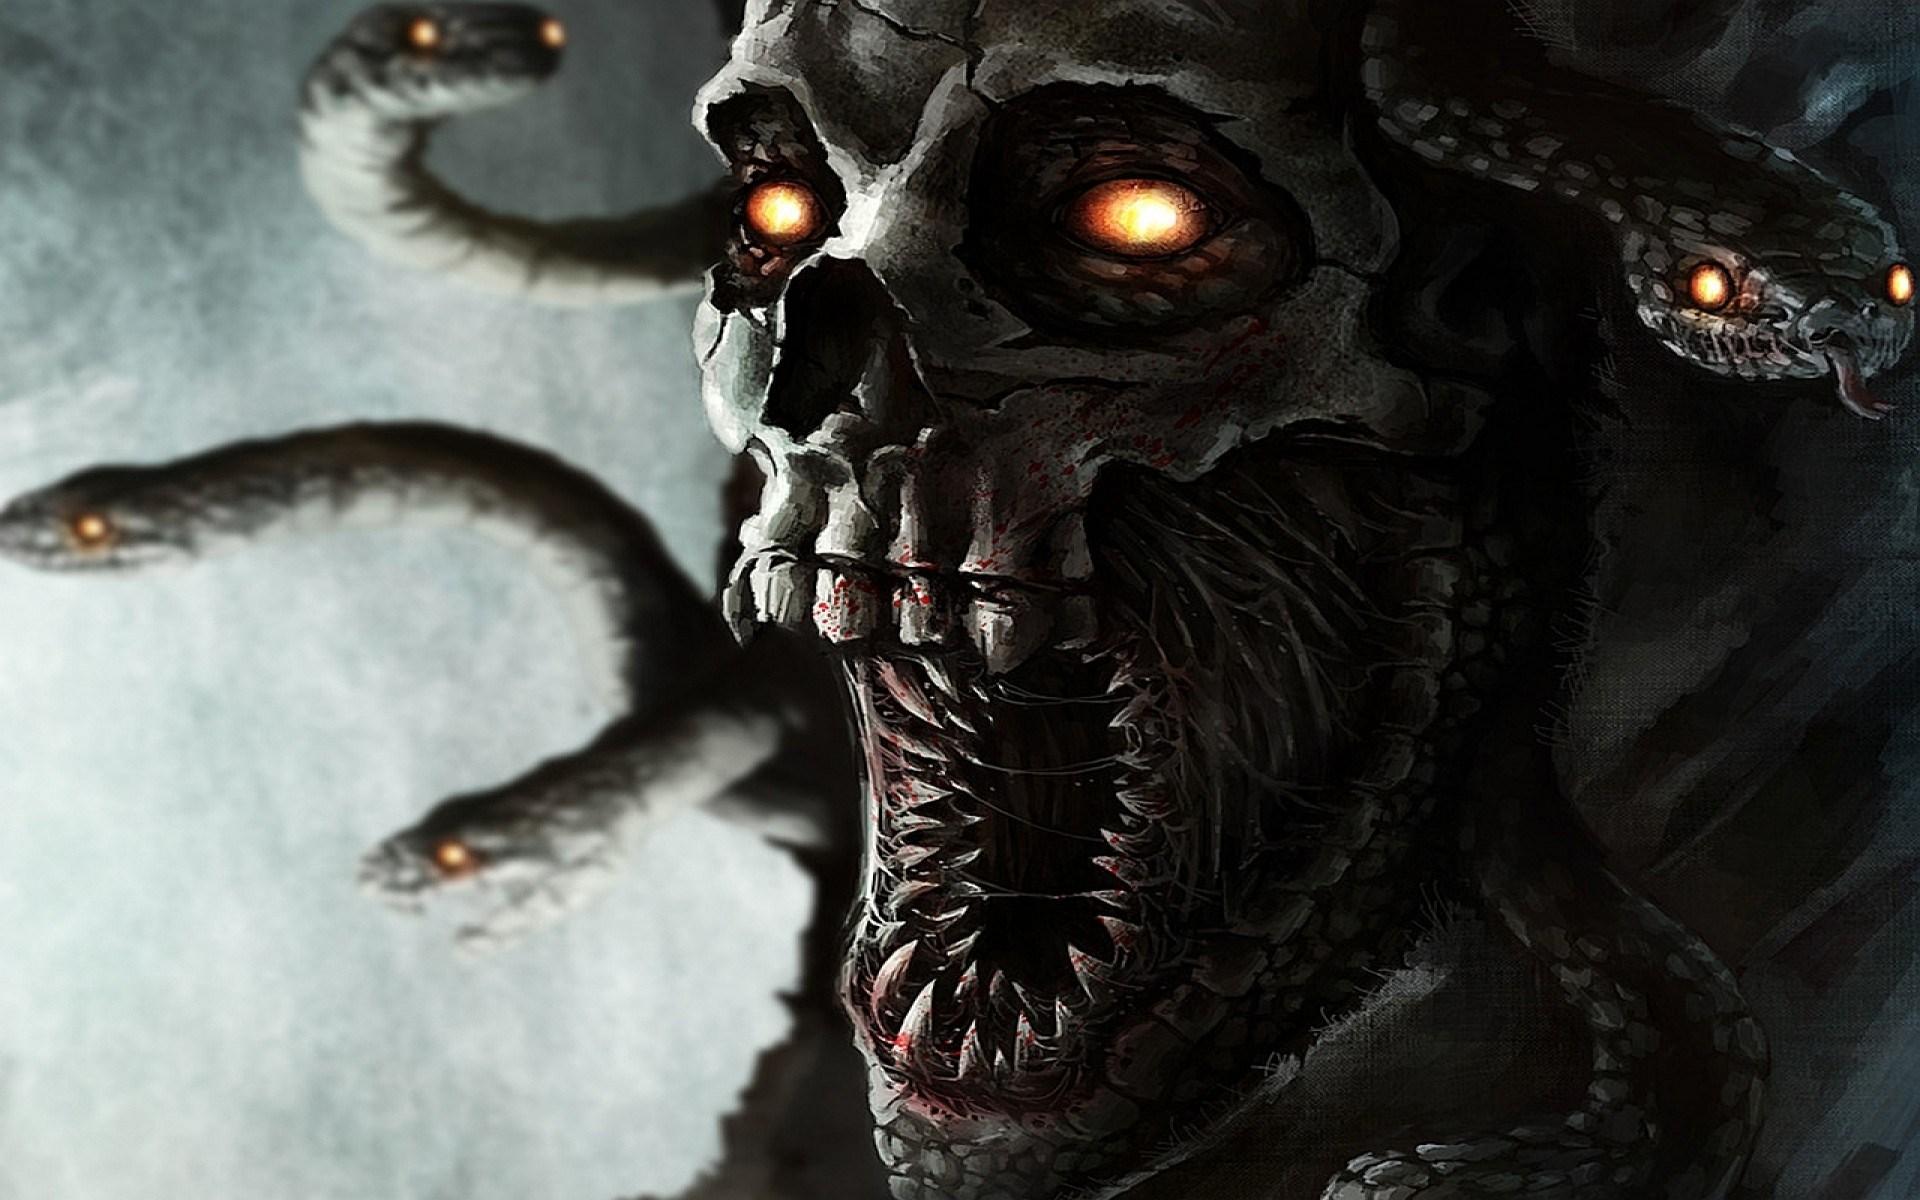 Hd wallpaper horror -  Horror Wallpaper